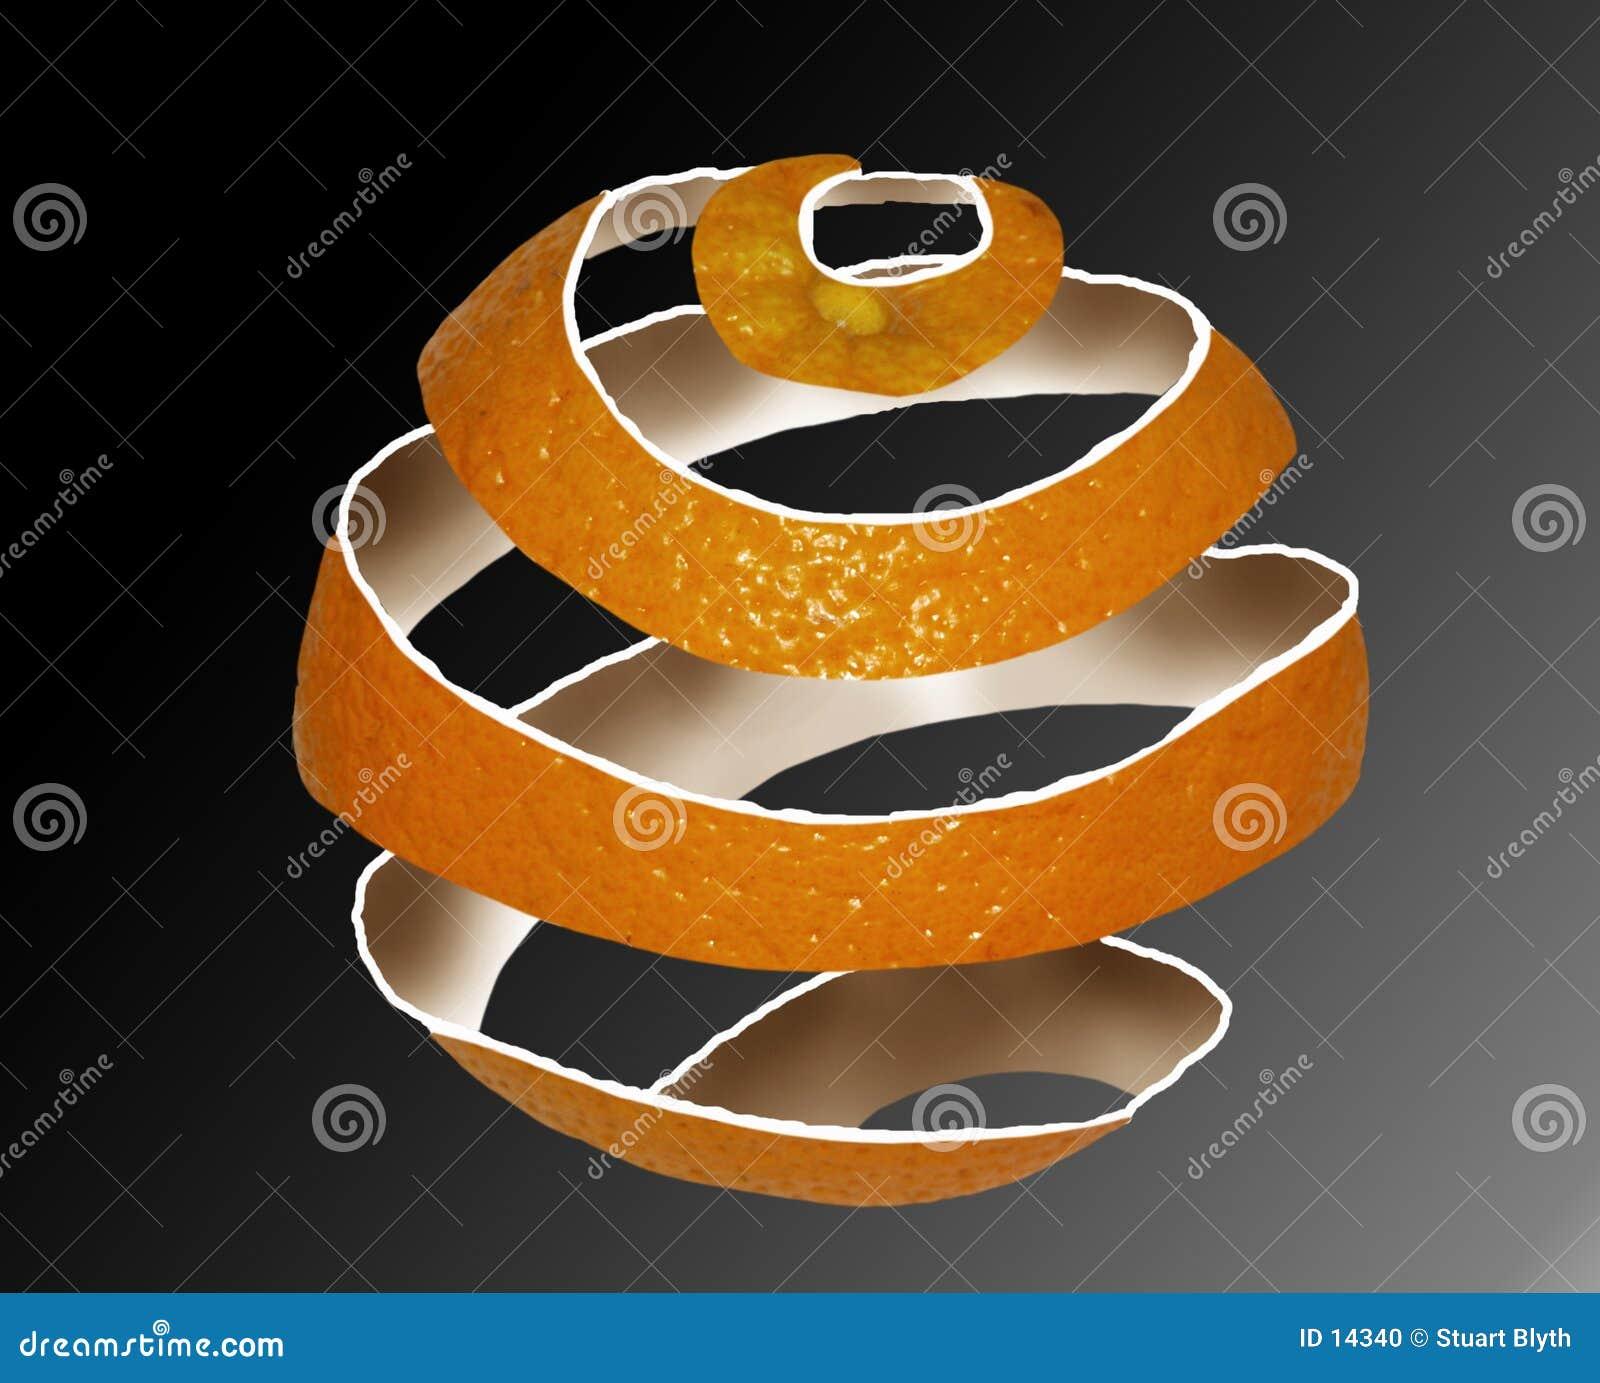 Cáscara anaranjada